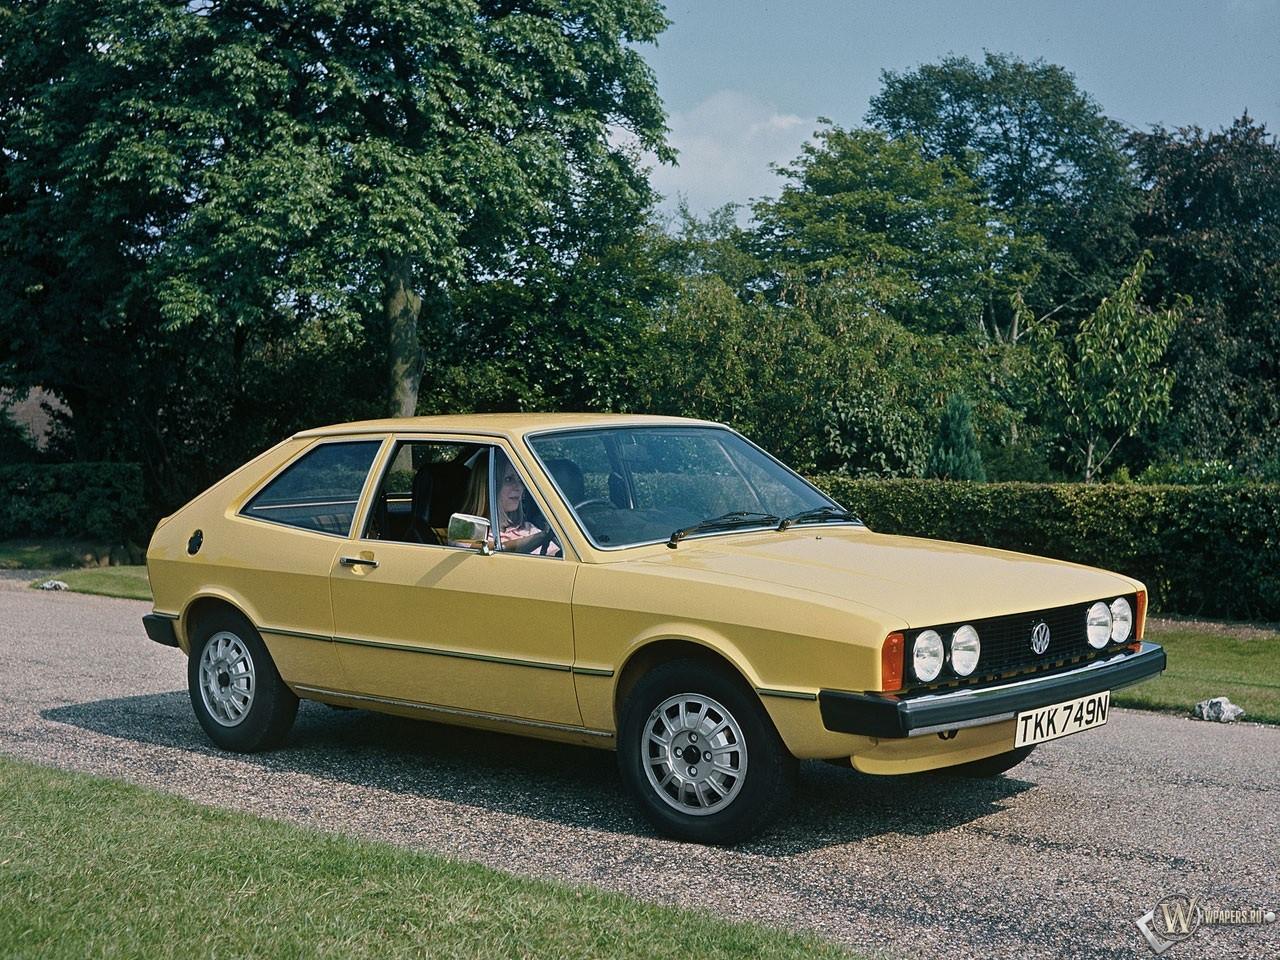 Volkswagen Scirocco (1974-1984) 1280x960